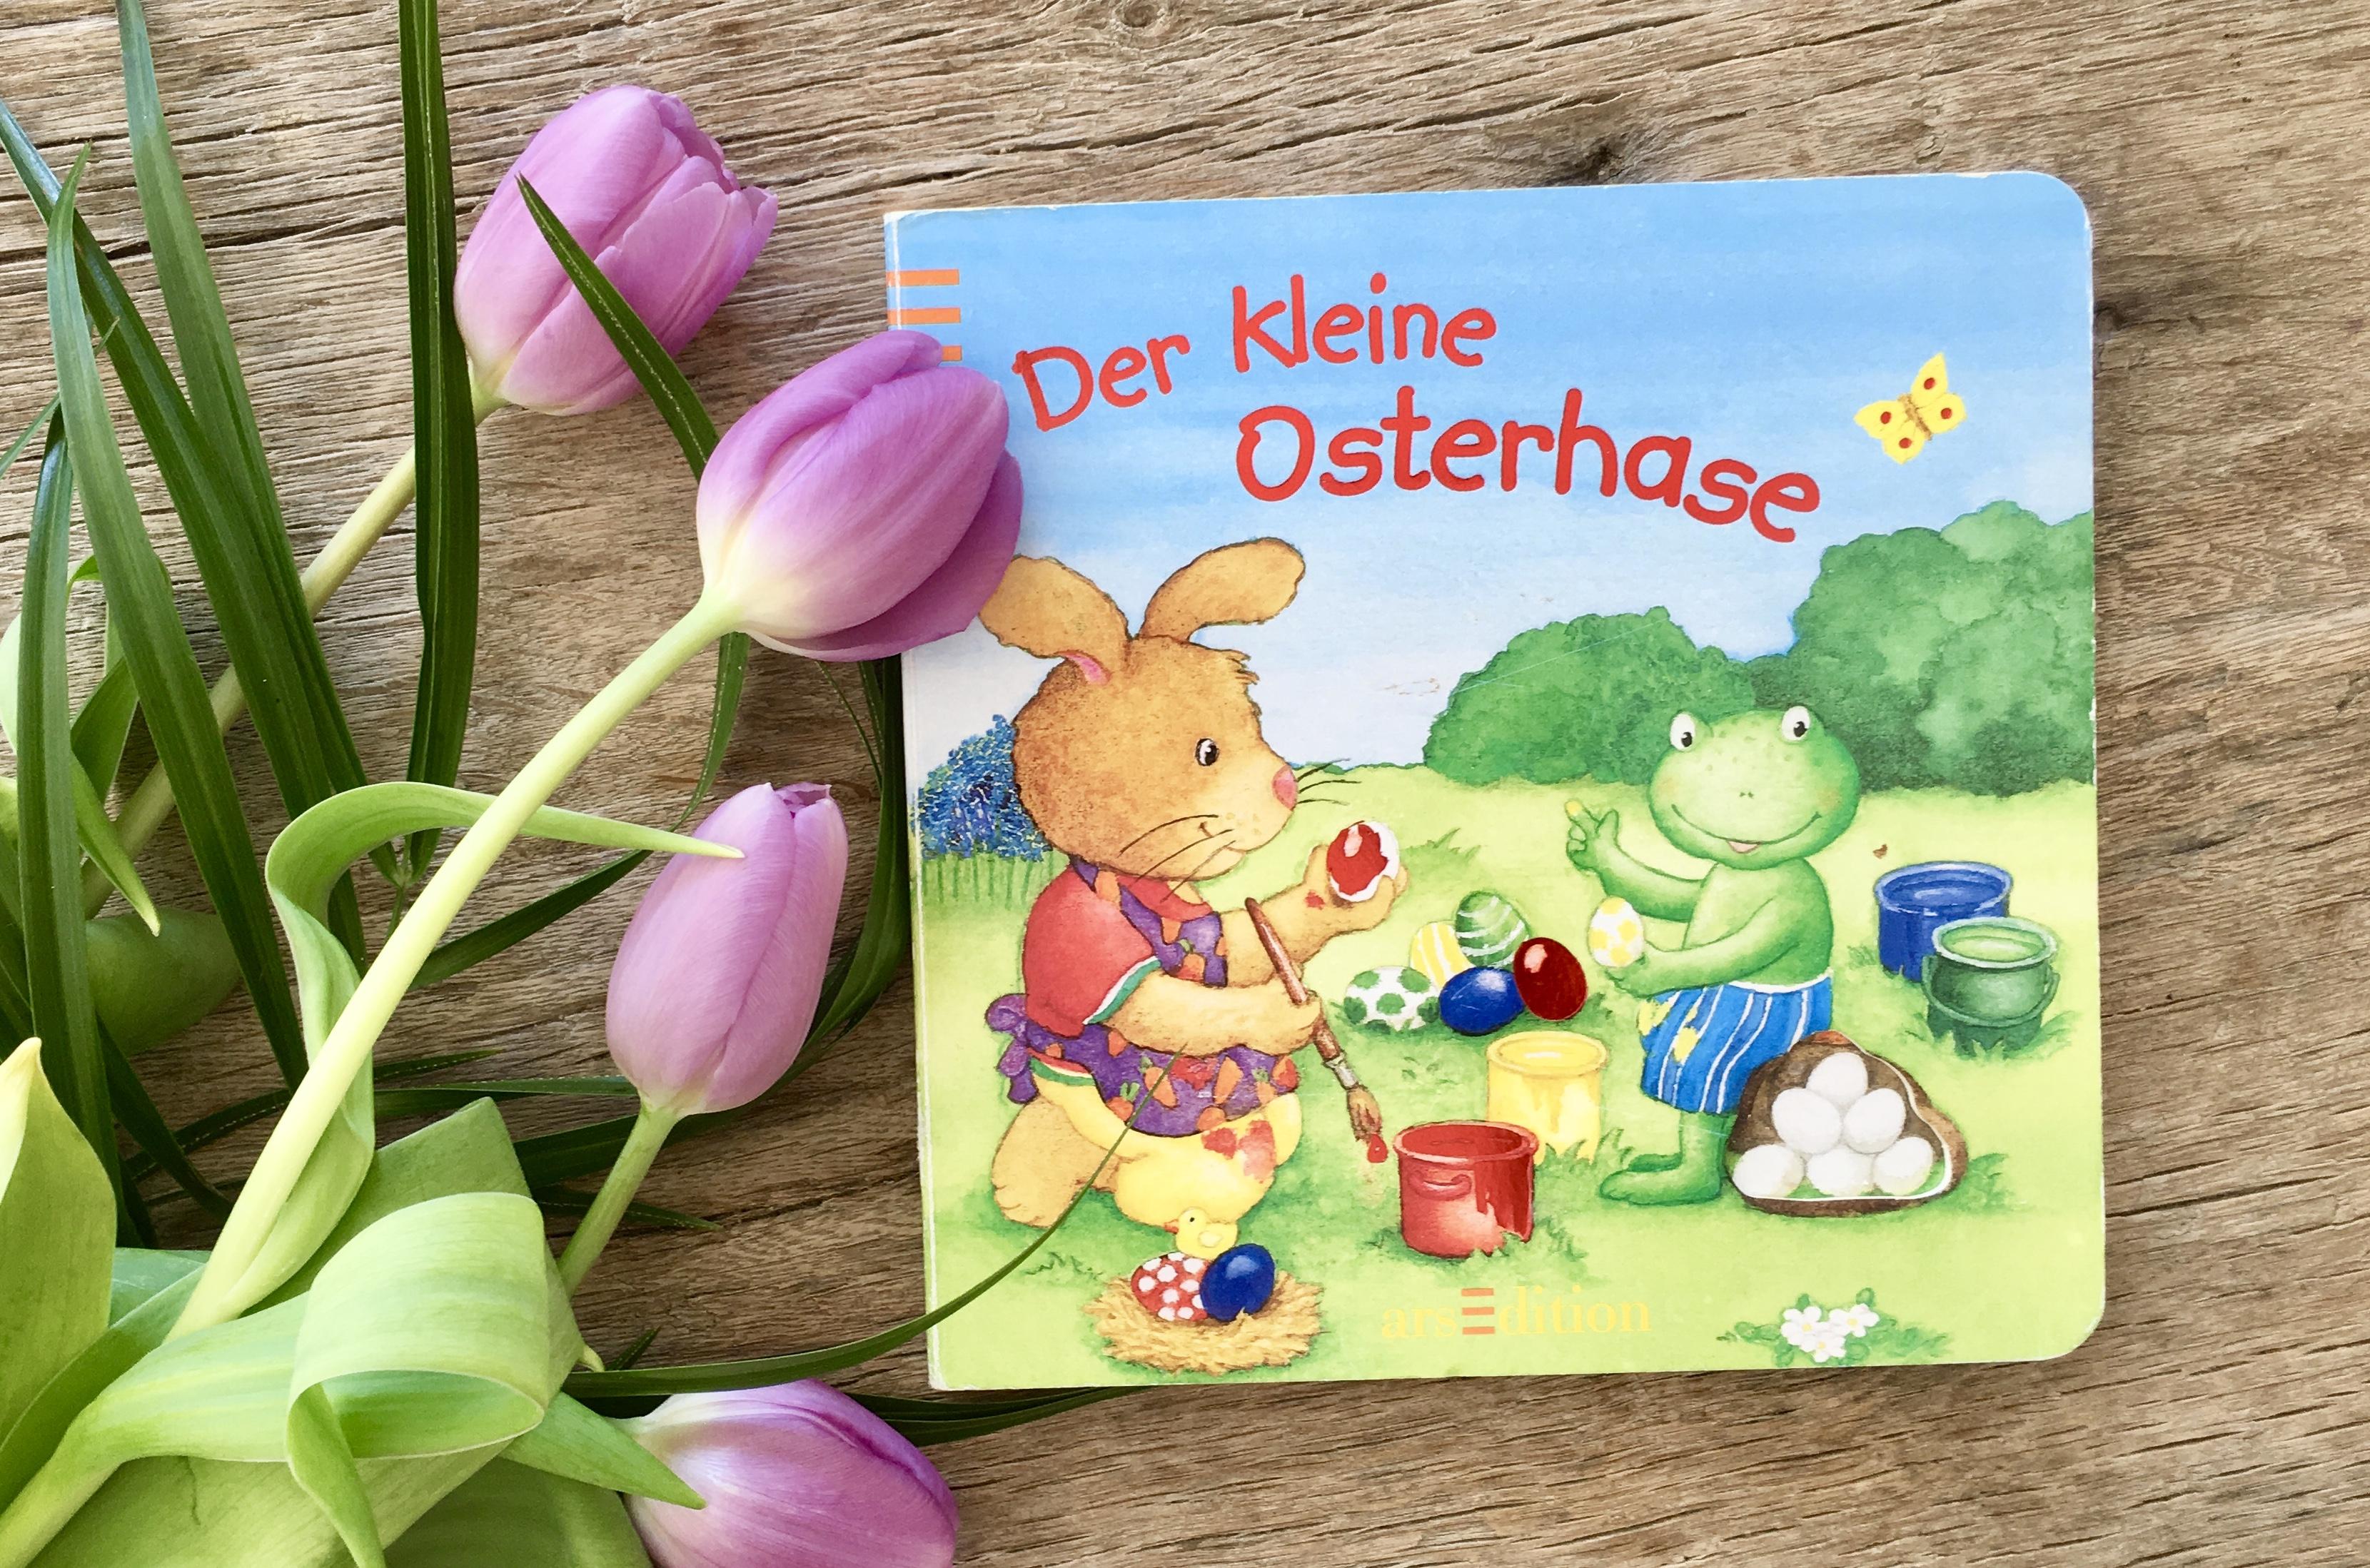 Der kleine Osterhase von Sabine Cuno (Text) und Georgia Grüner (Illustration)